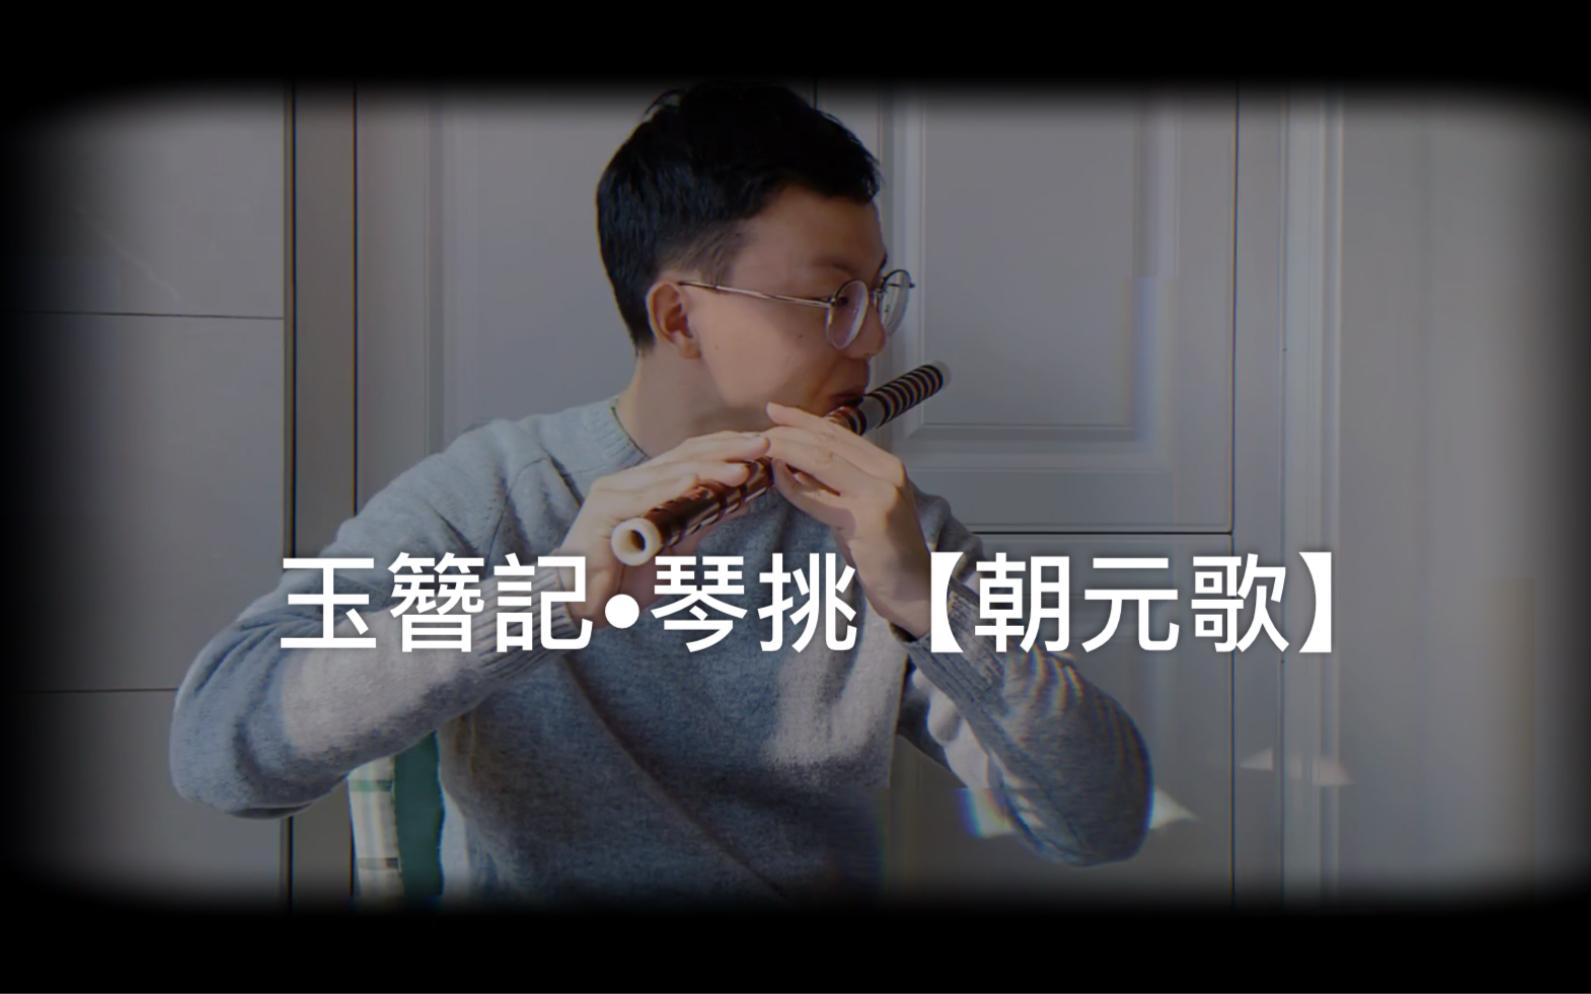 【笛子•昆笛】玉簪記•琴挑【朝元歌】_嗶哩嗶哩 (゜-゜)つロ 干杯~-bilibili